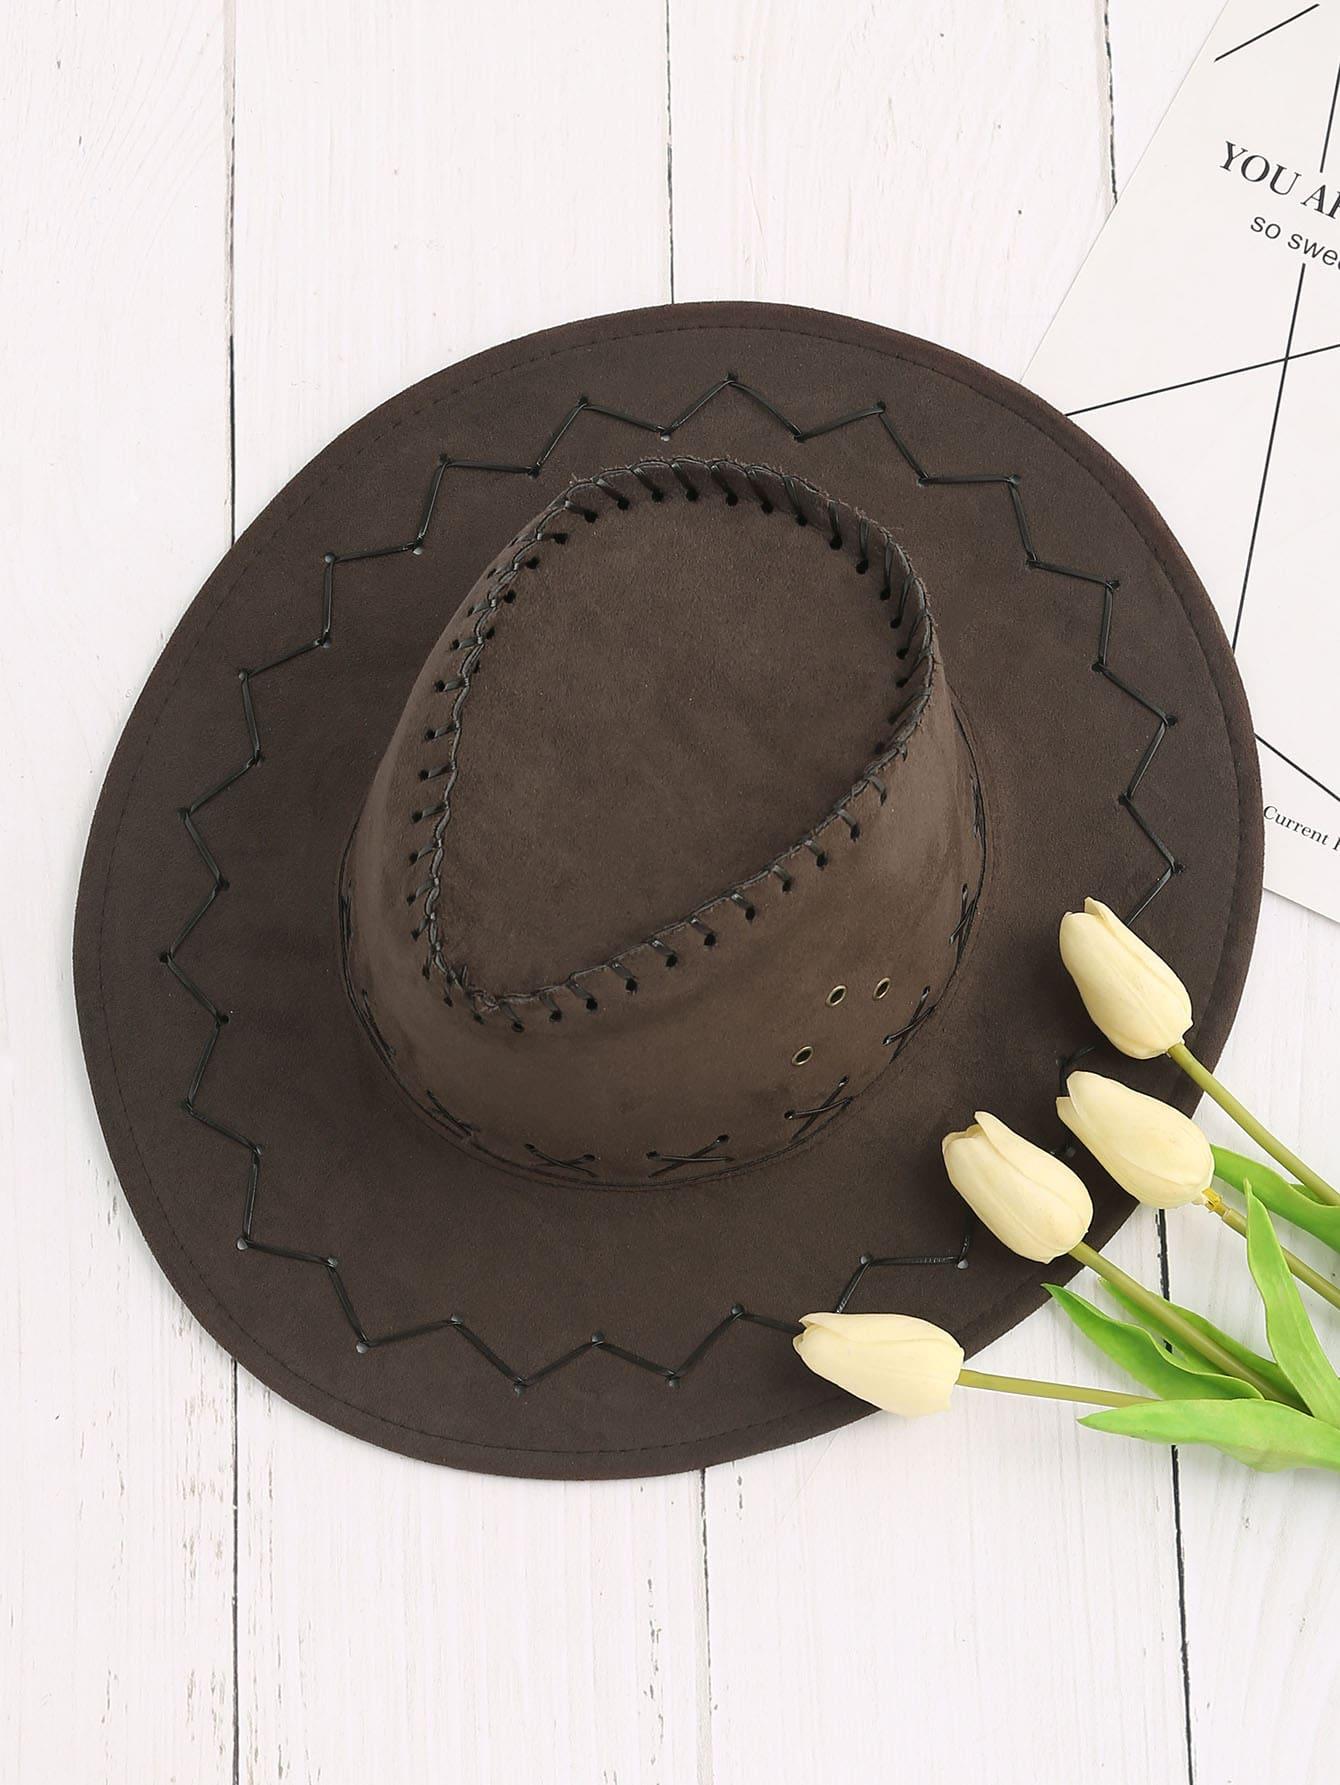 Criss Cross Detail Cowboy Hat hat170421305